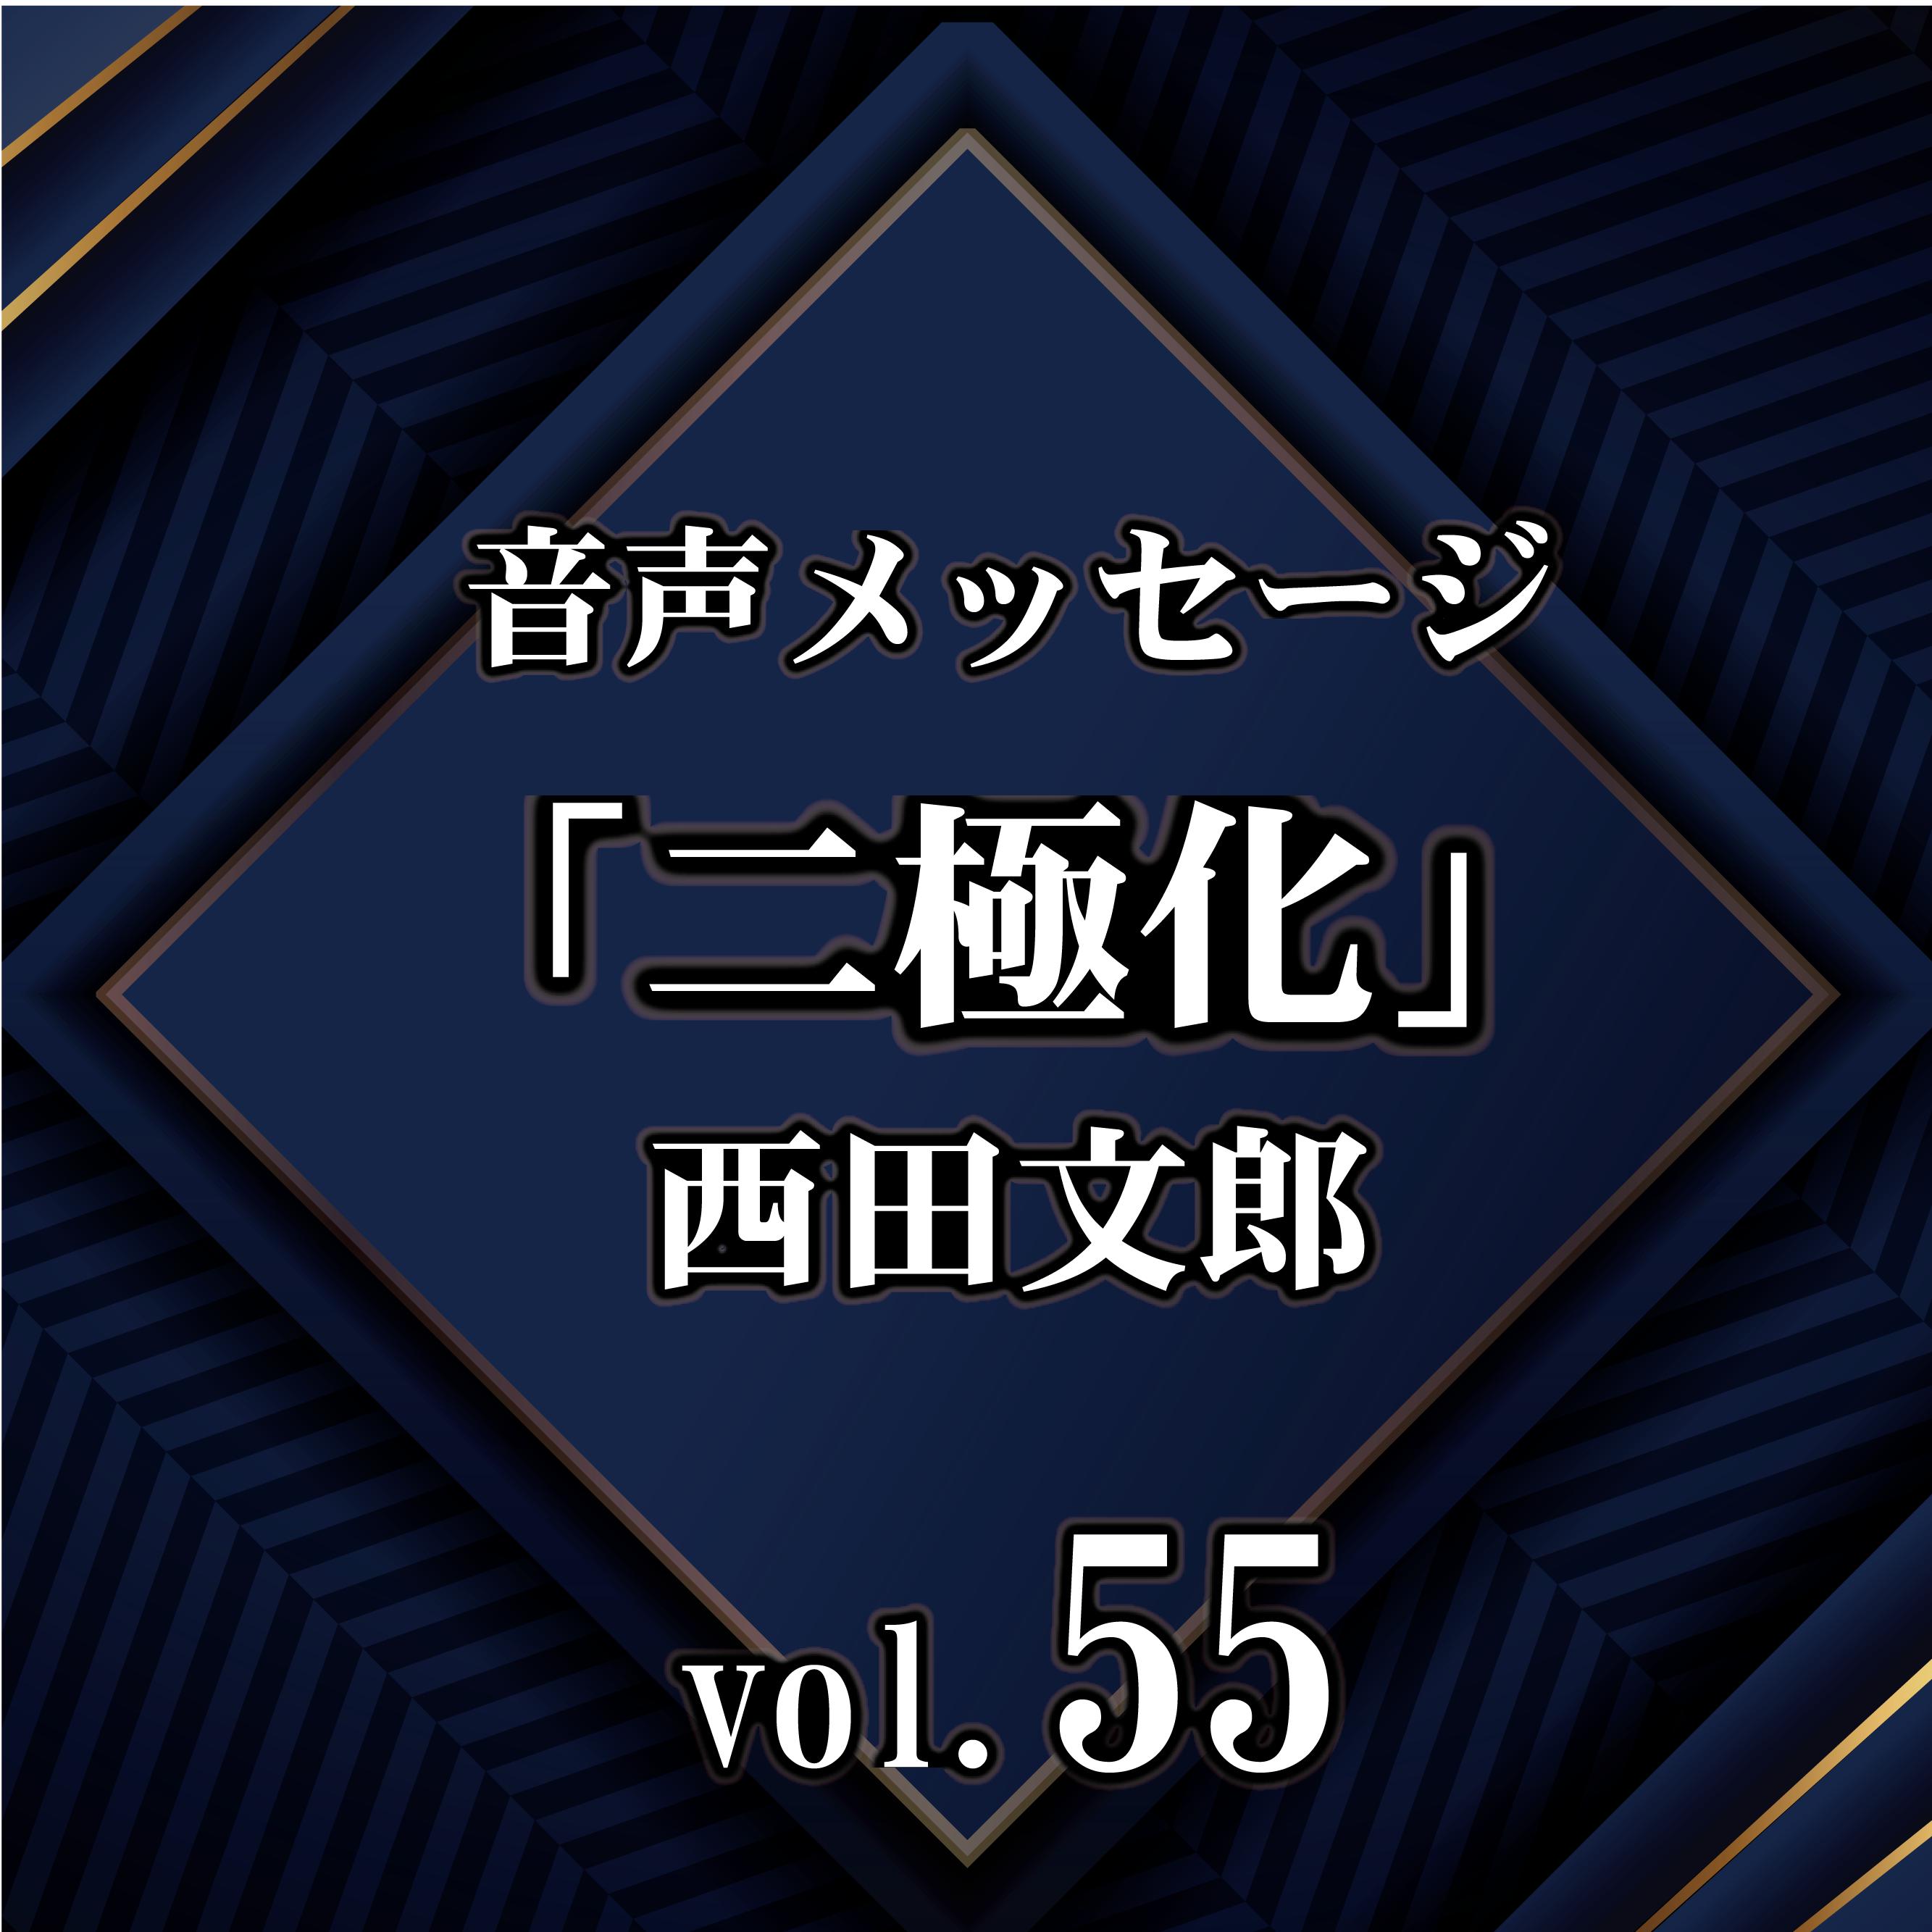 西田文郎 音声メッセージvol.55『二極化』